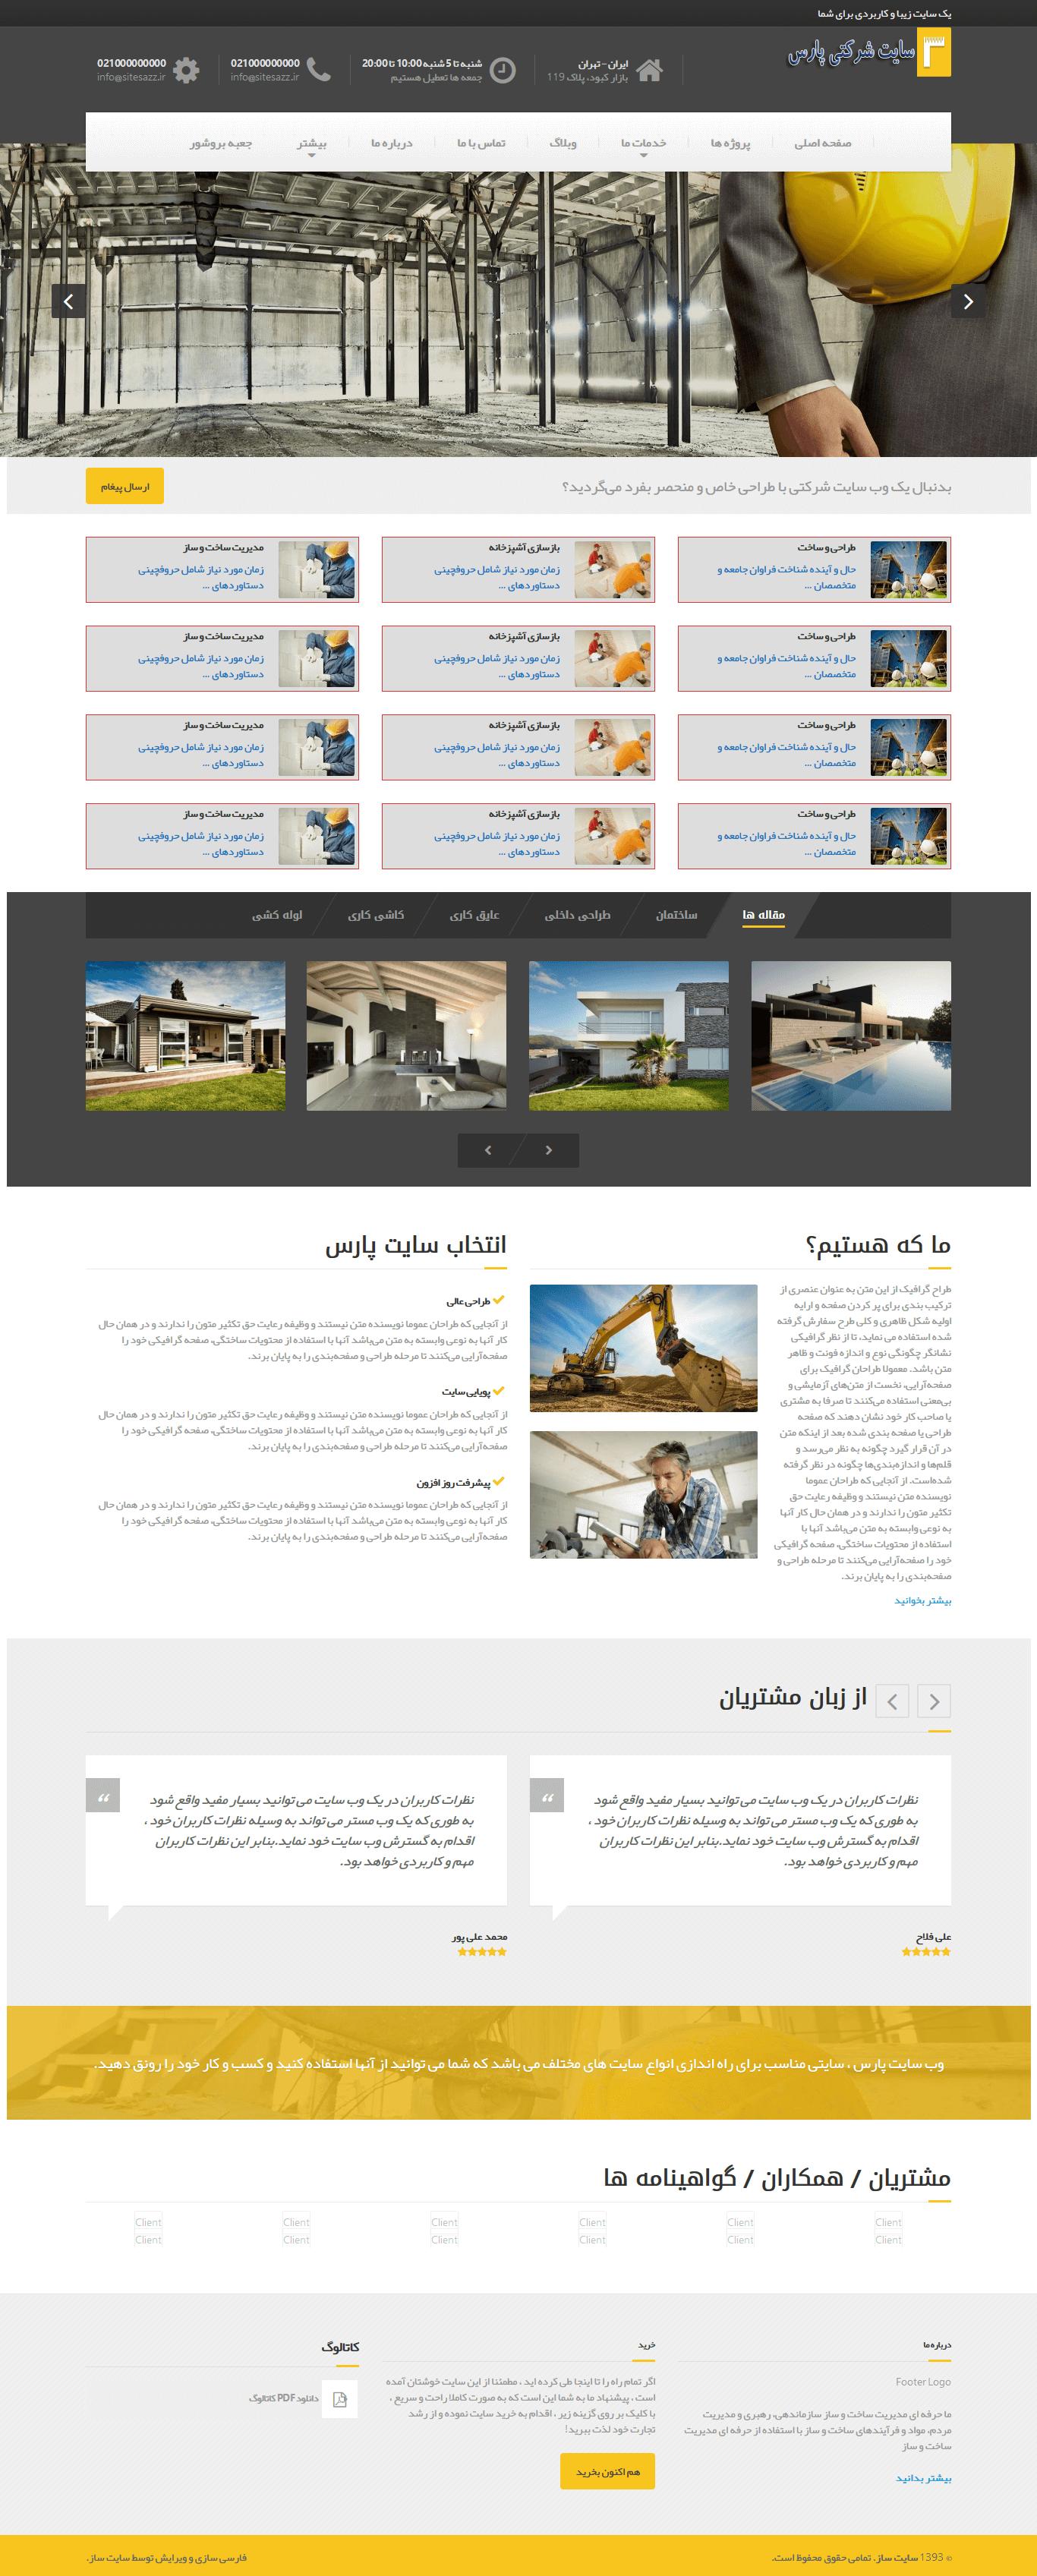 وب سایت شرکتی و حرفه ای پارس